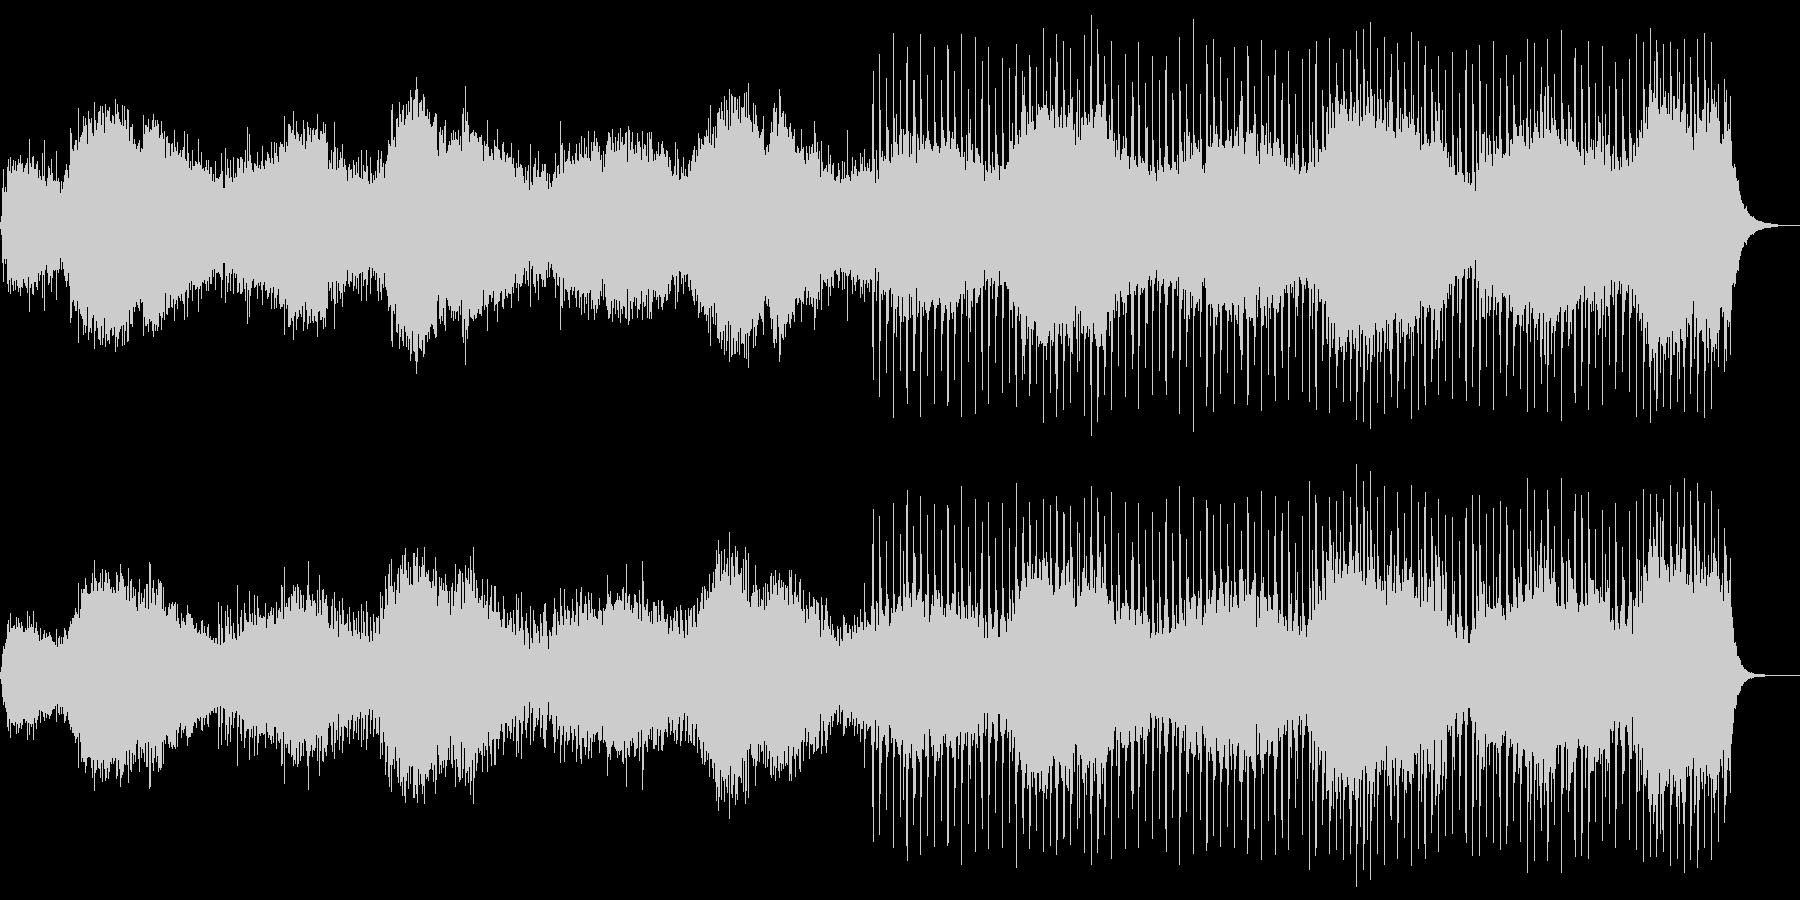 【フル尺】ドキュメント風のアンビエントの未再生の波形